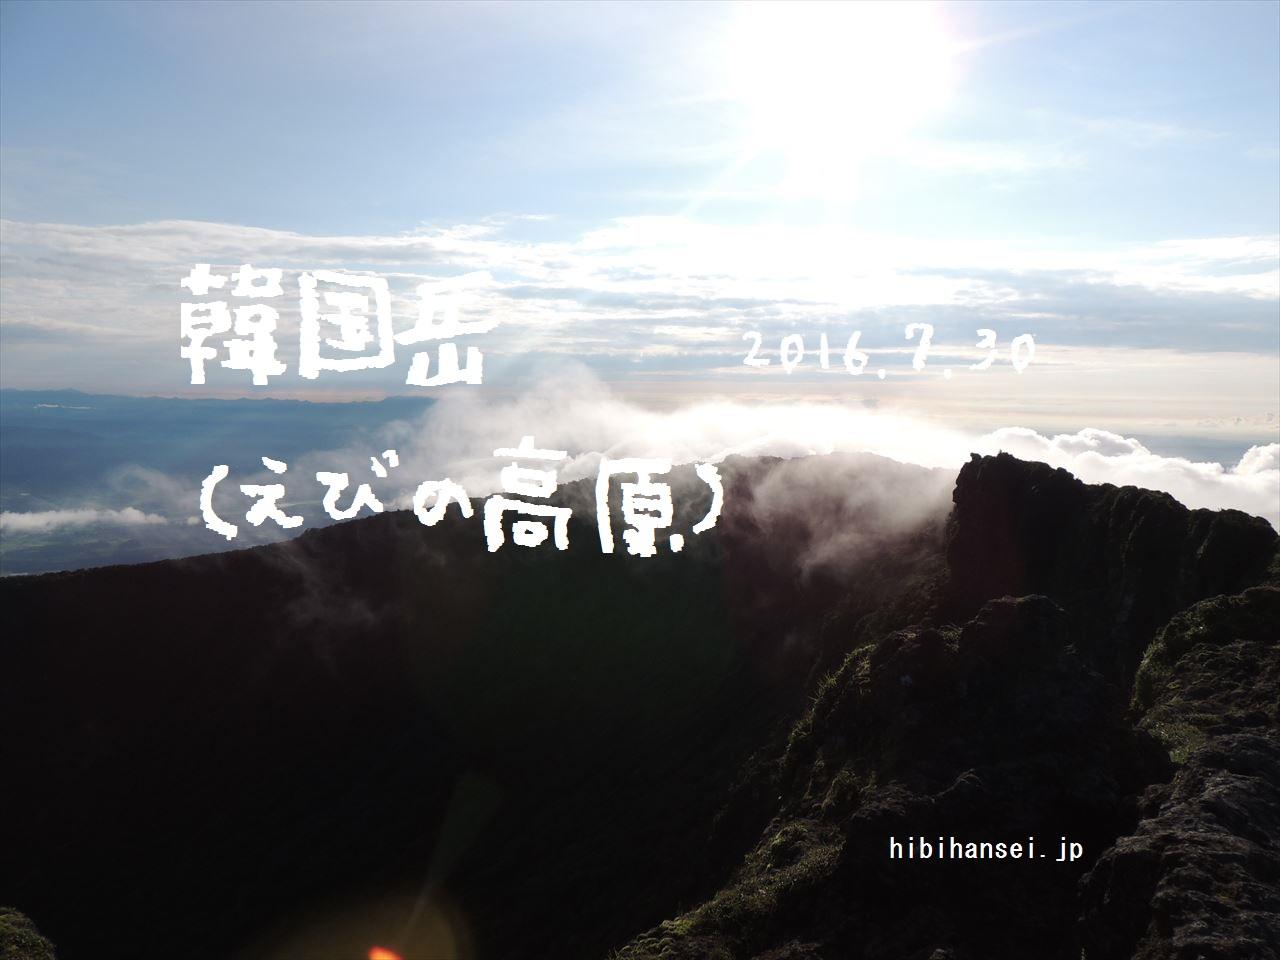 韓国岳 登山(えびの高原キャンプ村) 鹿の親子と霧島山の輝き テント泊(2016.7.30)